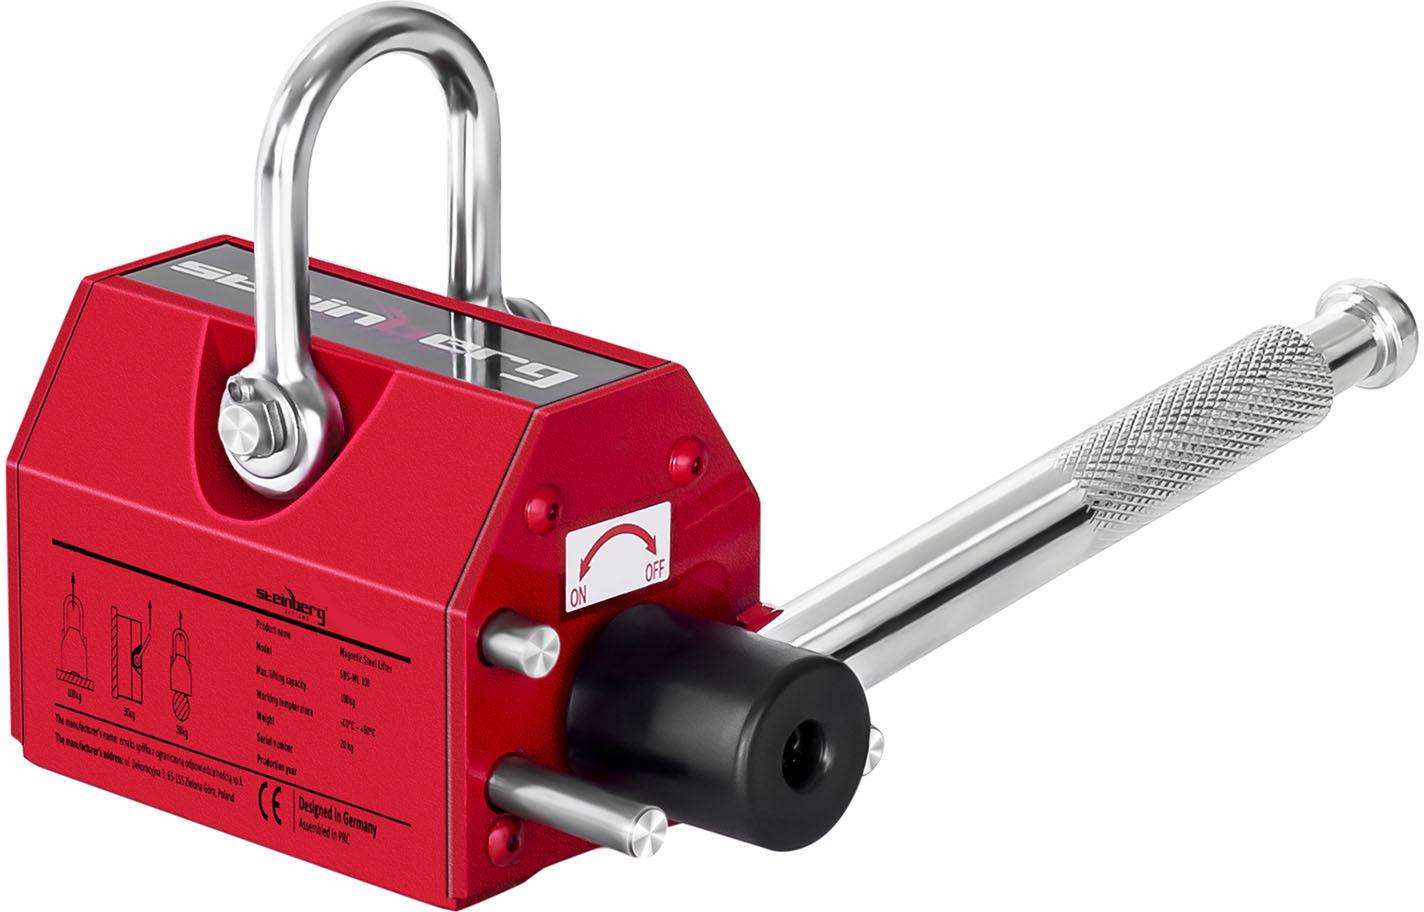 Podnośnik magnetyczny - 100 kg - Steinberg Systems - SBS-ML 100 - 3 lata gwarancji/wysyłka w 24h